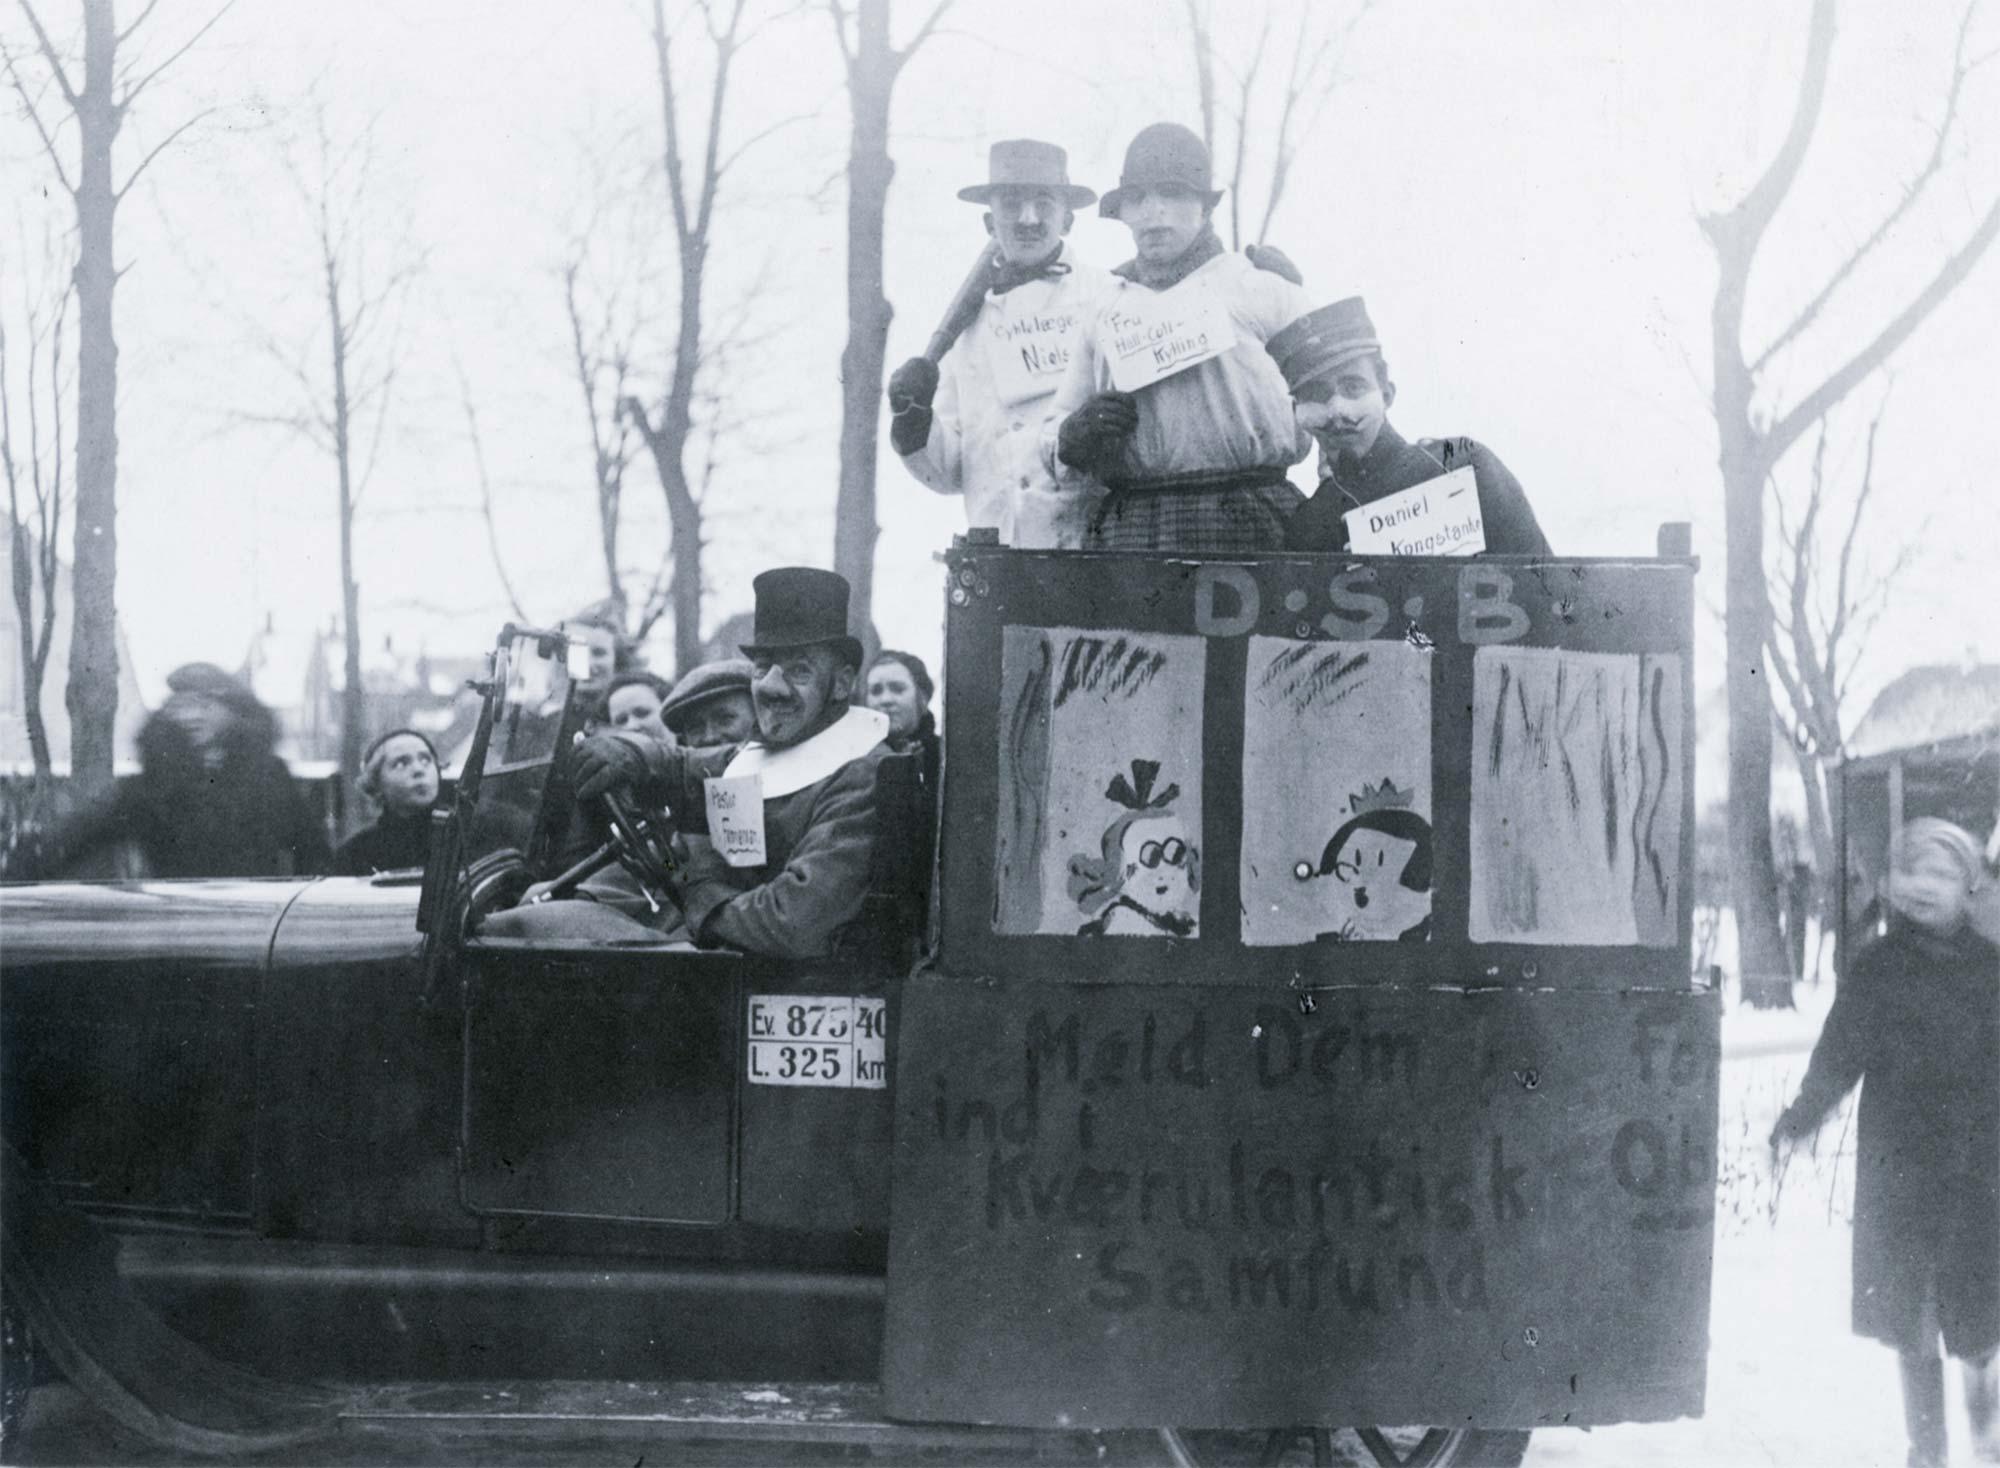 Dragør Boldklubs medlemmer deltager i fastelavn. 1926. Foto: Historisk Arkiv Dragør.